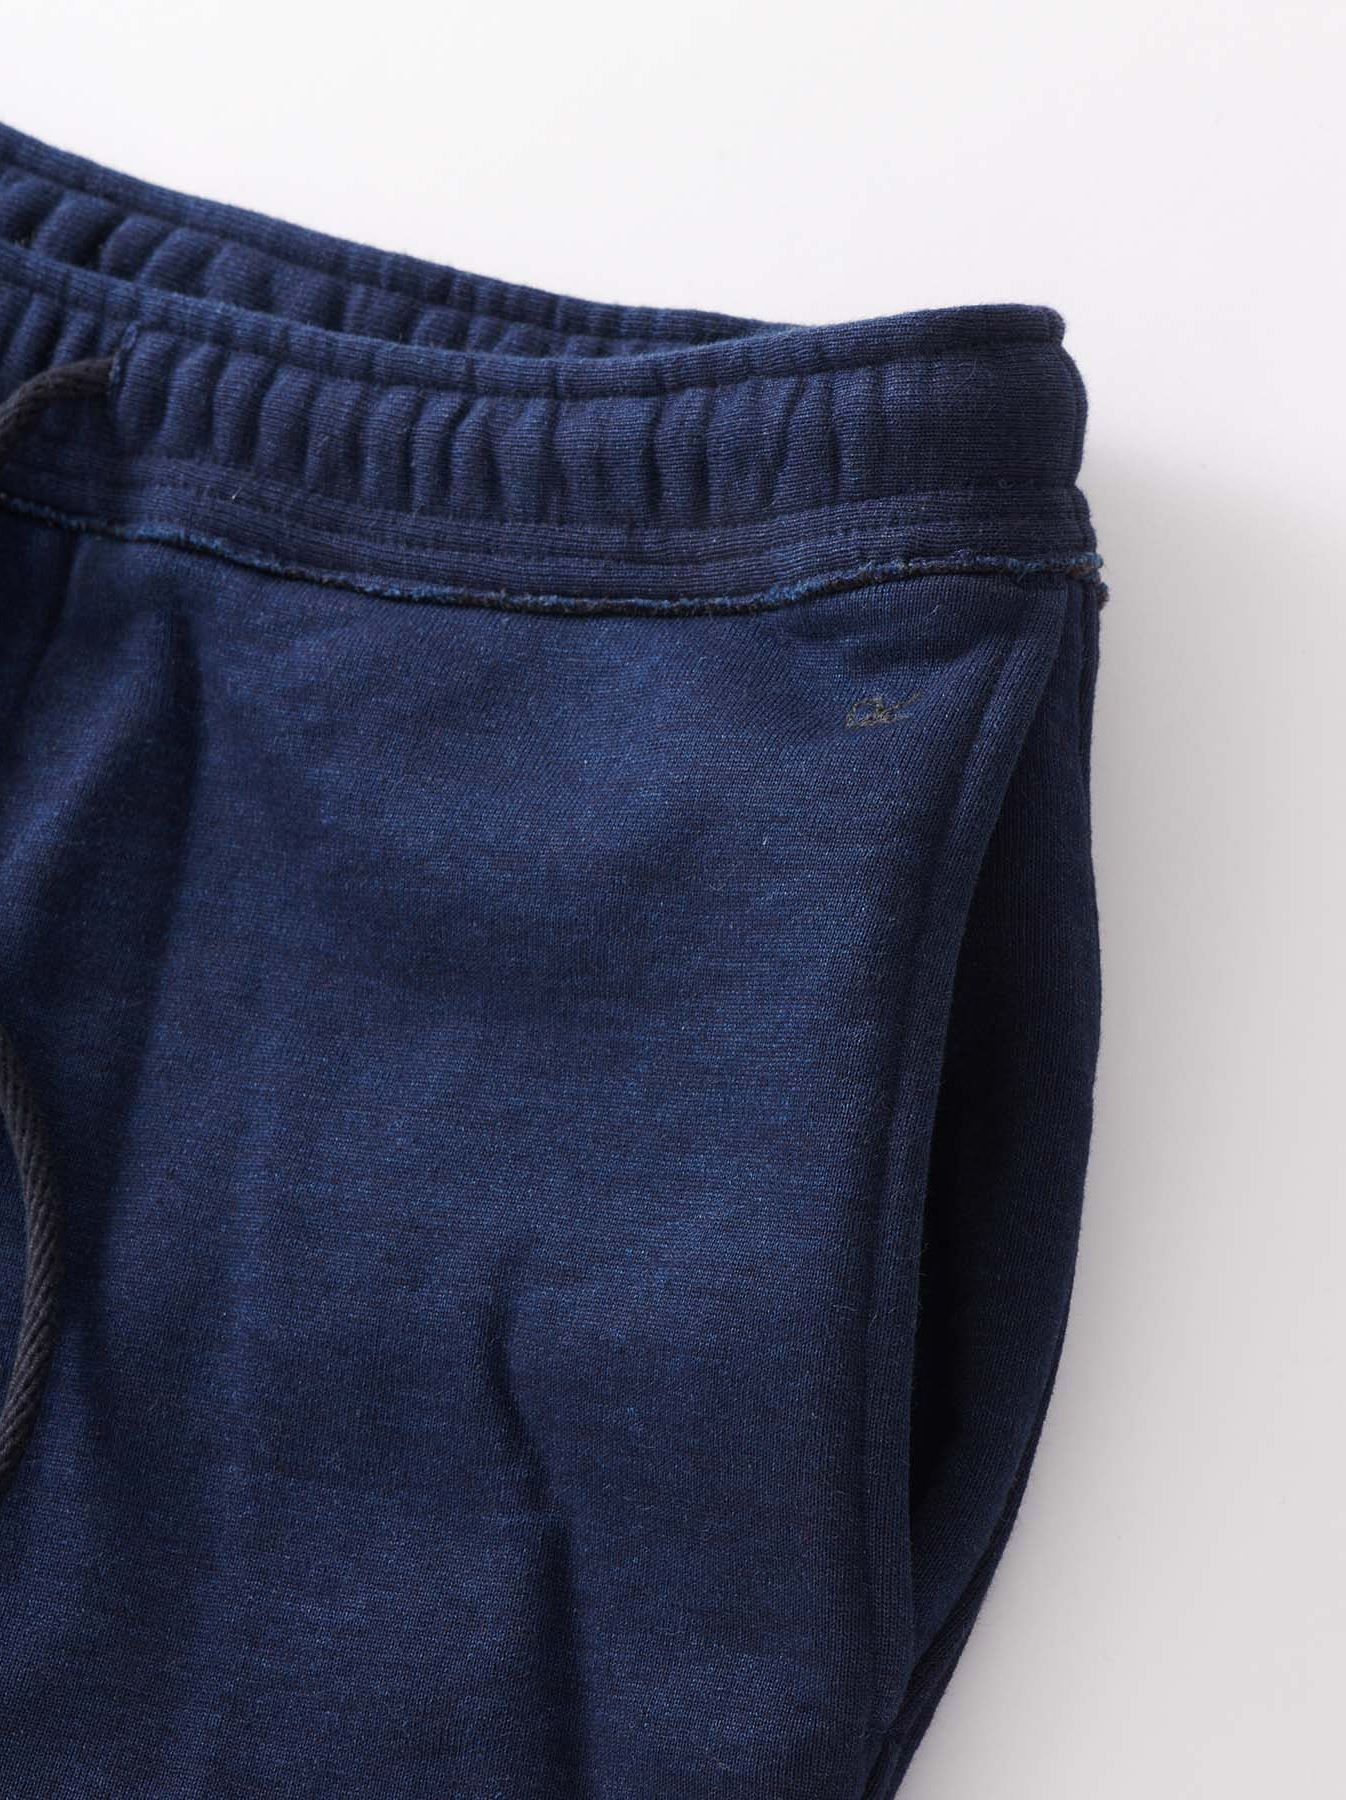 Indigo Mouton Fleecy Easy Pants-7